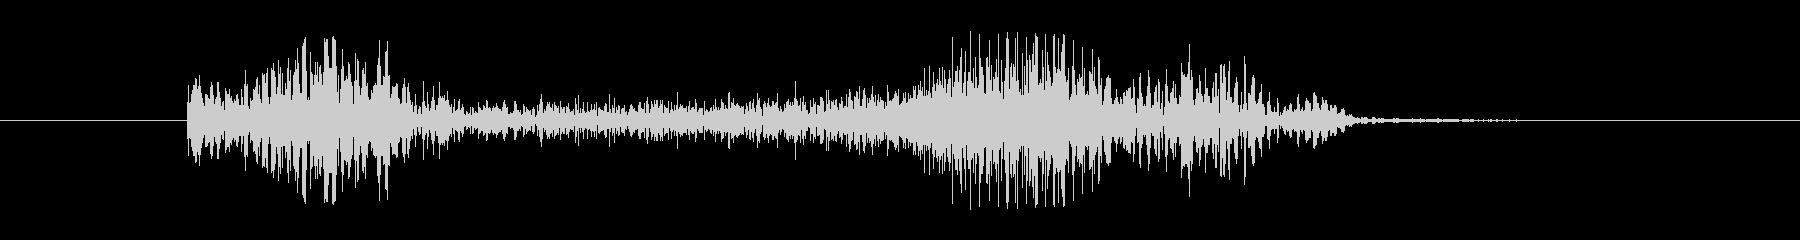 バシュバーン(矢が命中する音)の未再生の波形